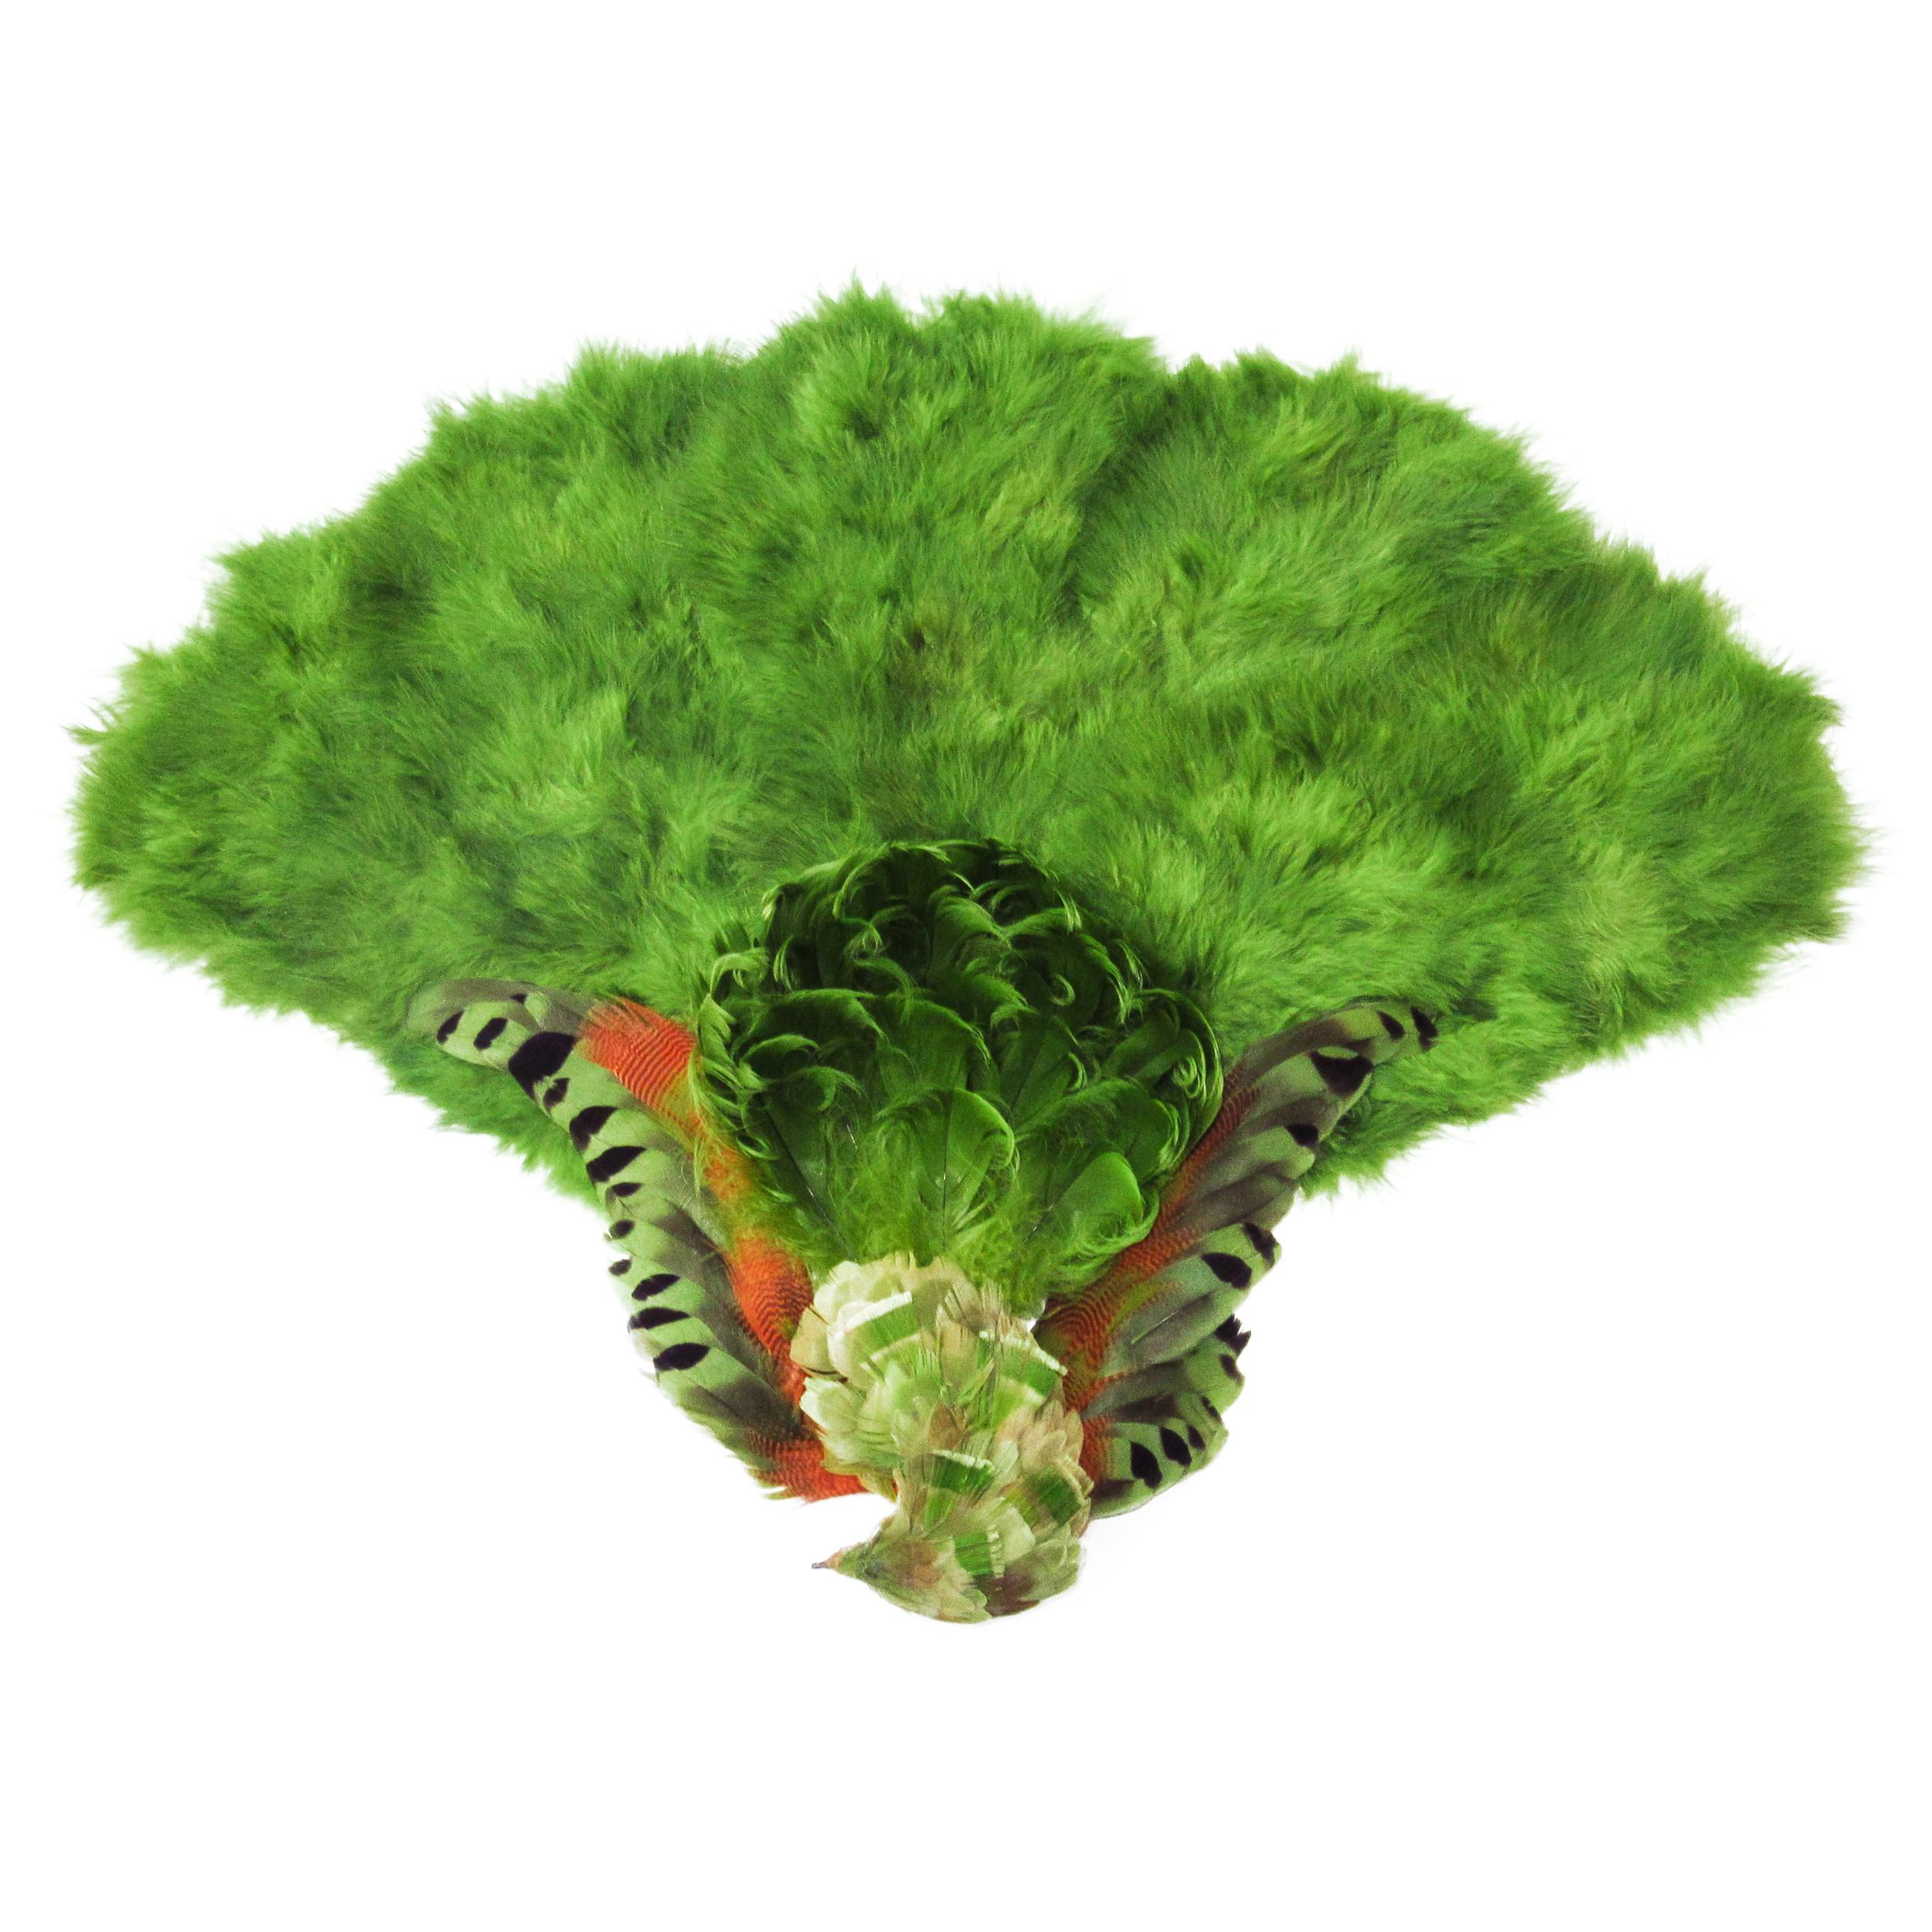 Plumes vert mousse